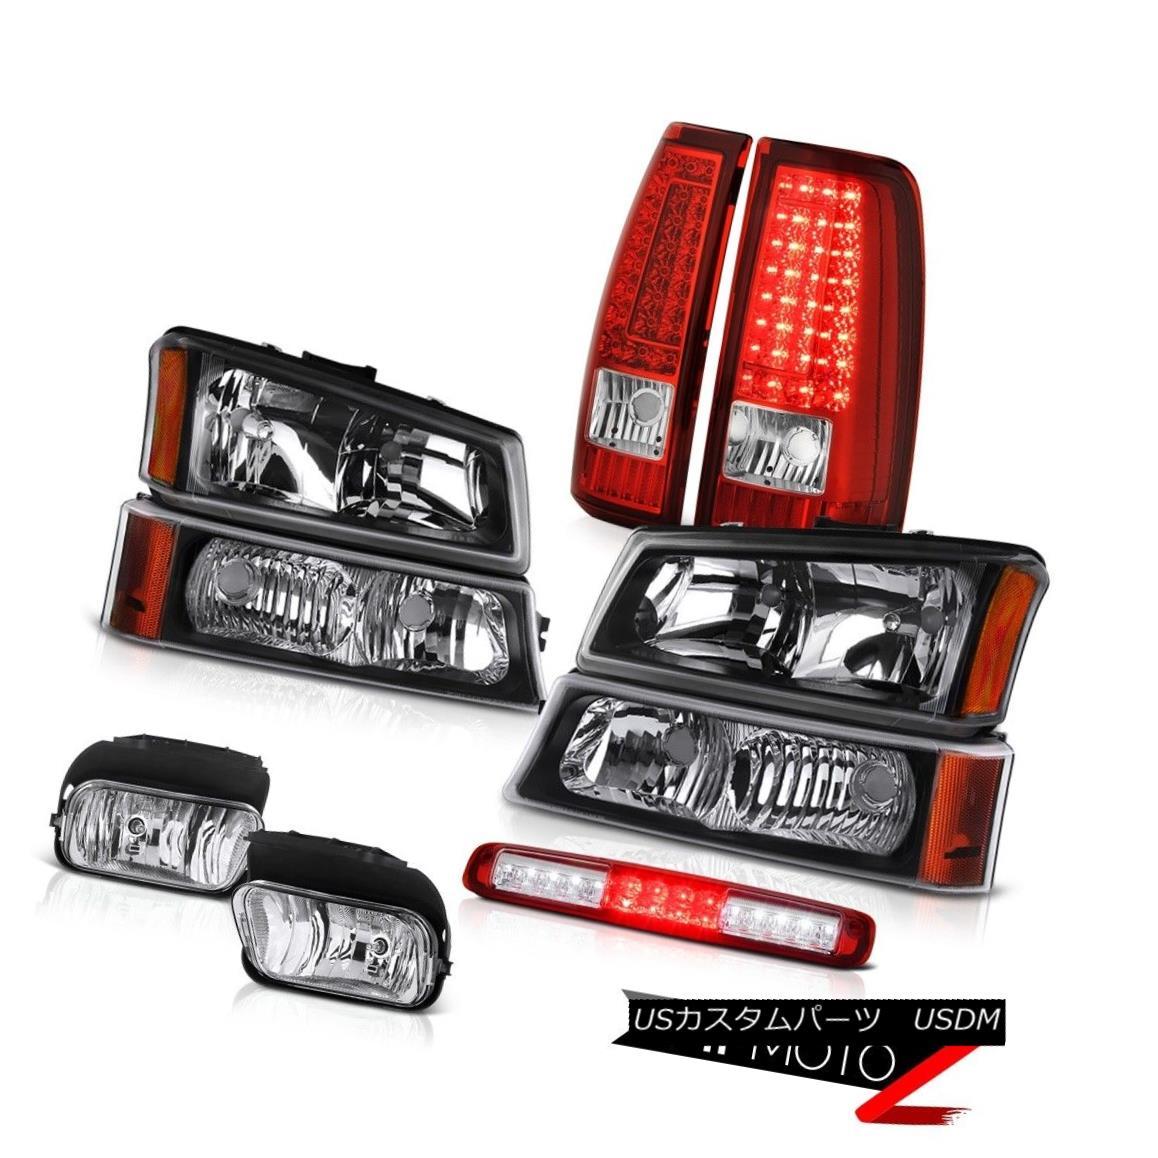 テールライト 03-06 Silverado Third Brake Light Foglights Parking Lights Signal Lamp Headlamps 03-06 Silverado第3ブレーキライトFoglightsパーキングライトシグナルランプヘッドランプ